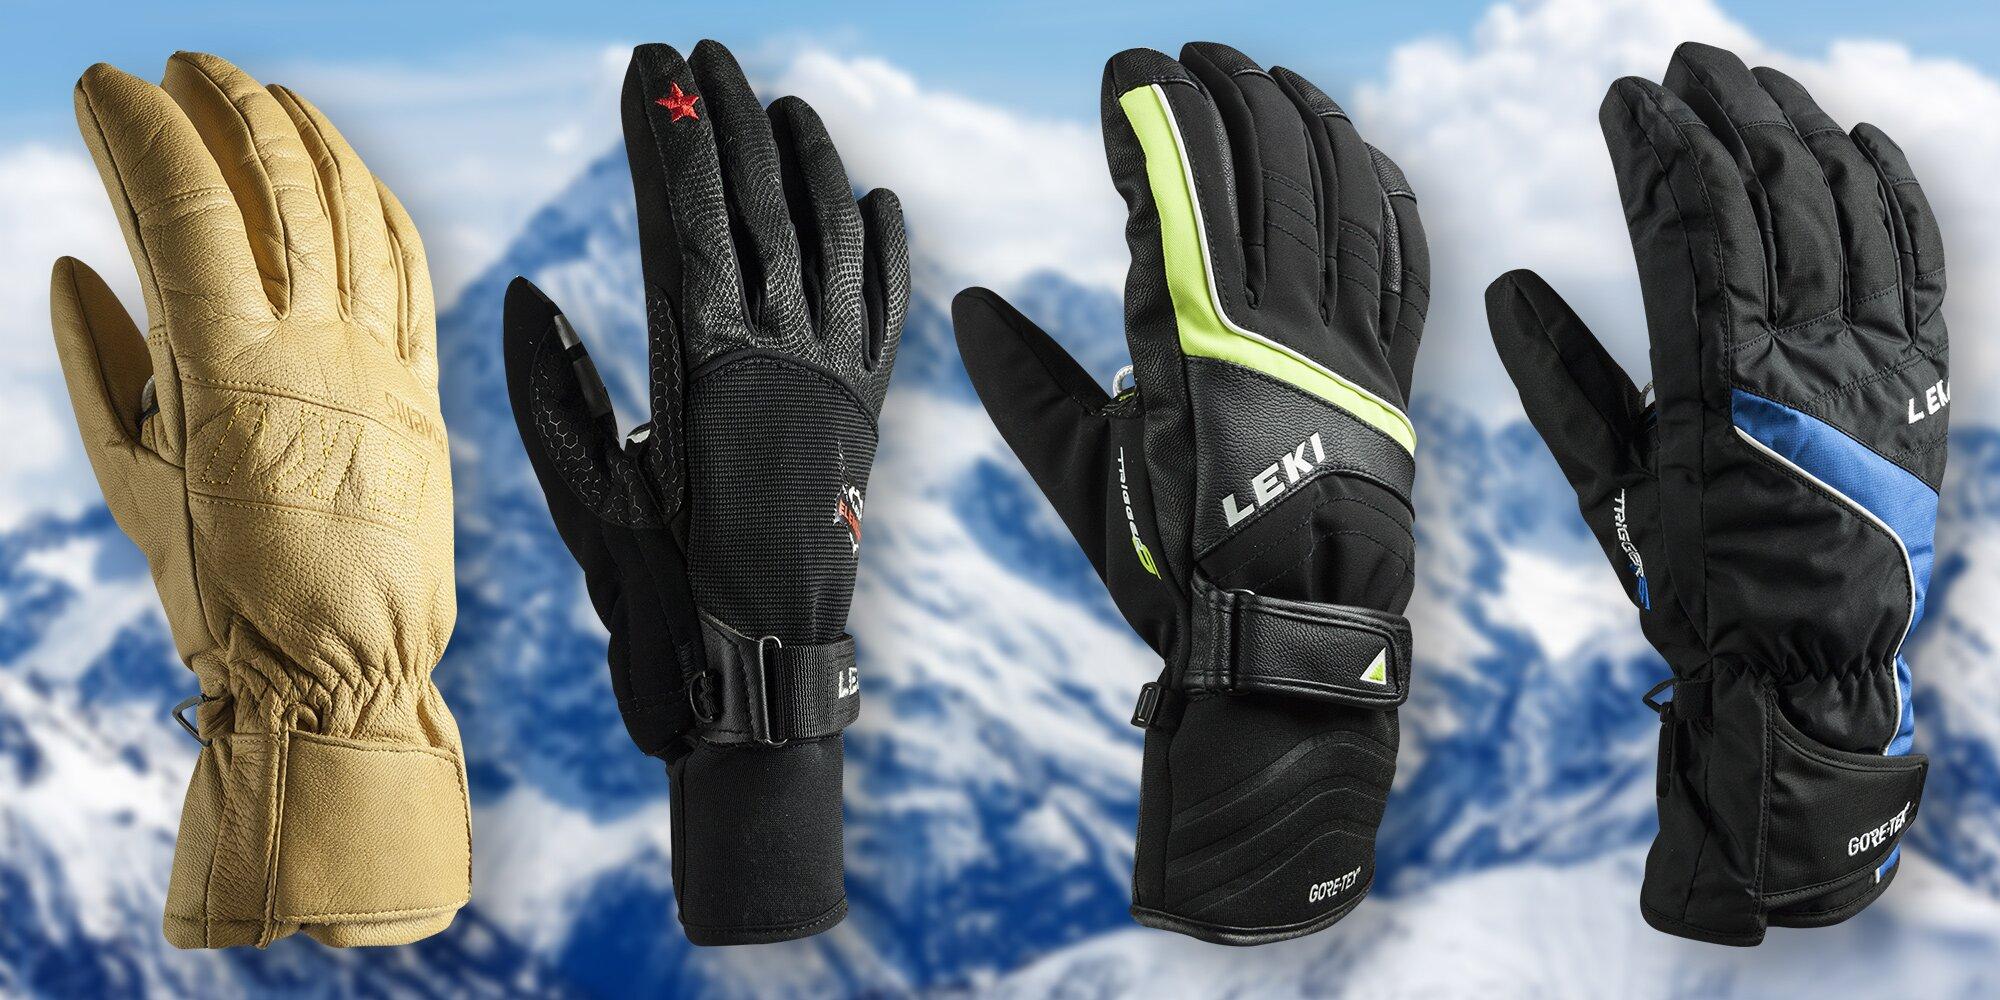 Špičkové lyžařské rukavice značky Leki  8dd94a8dc8